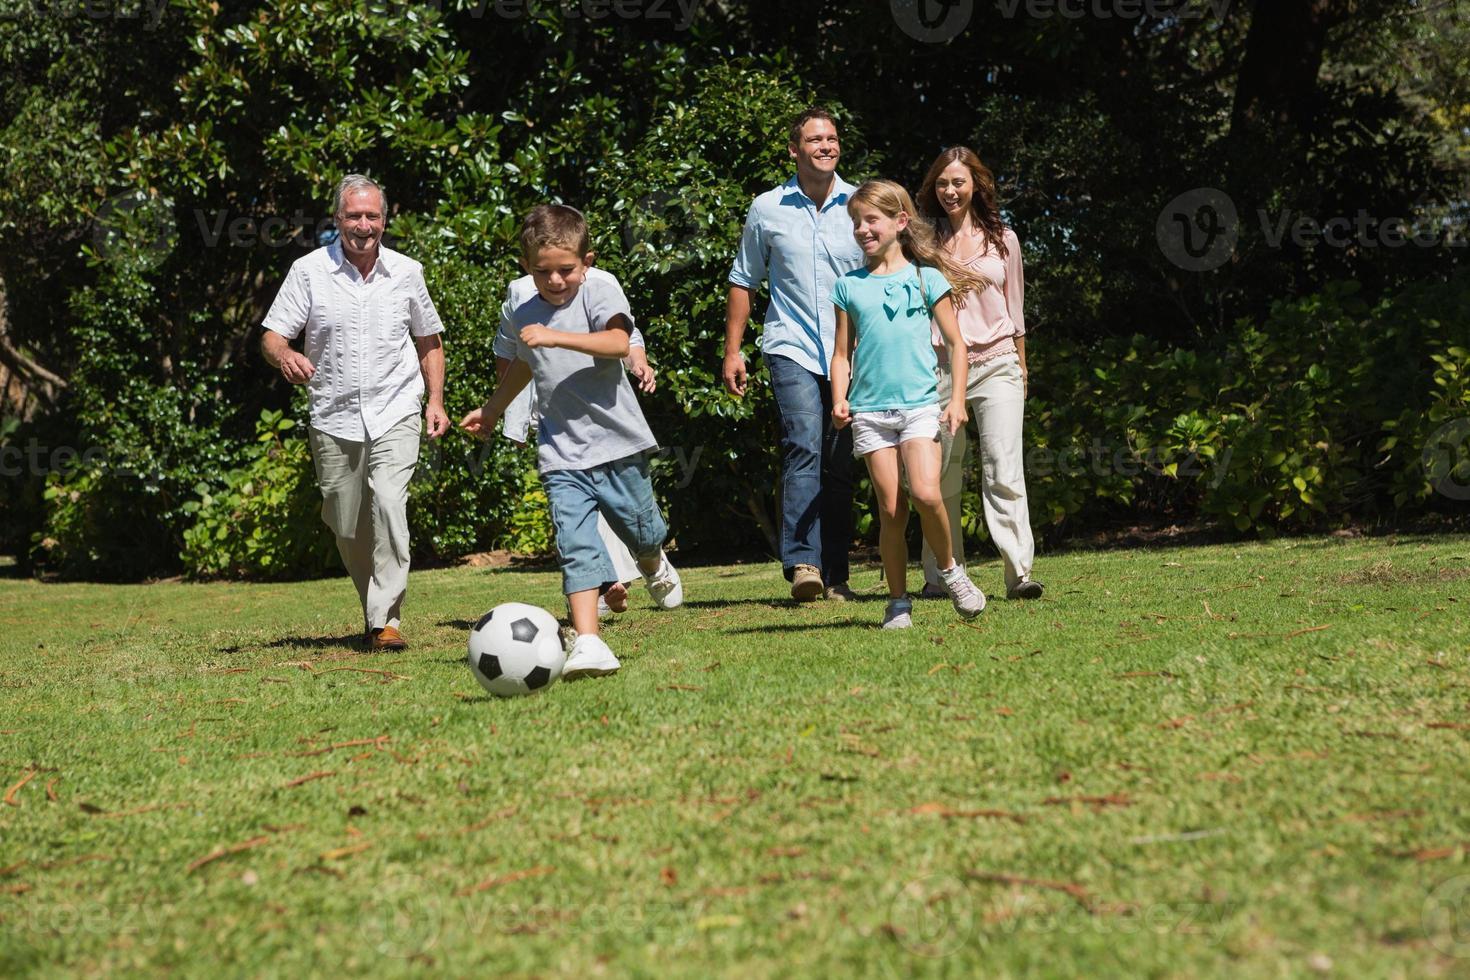 gelukkig multi generatie familie voetballen foto